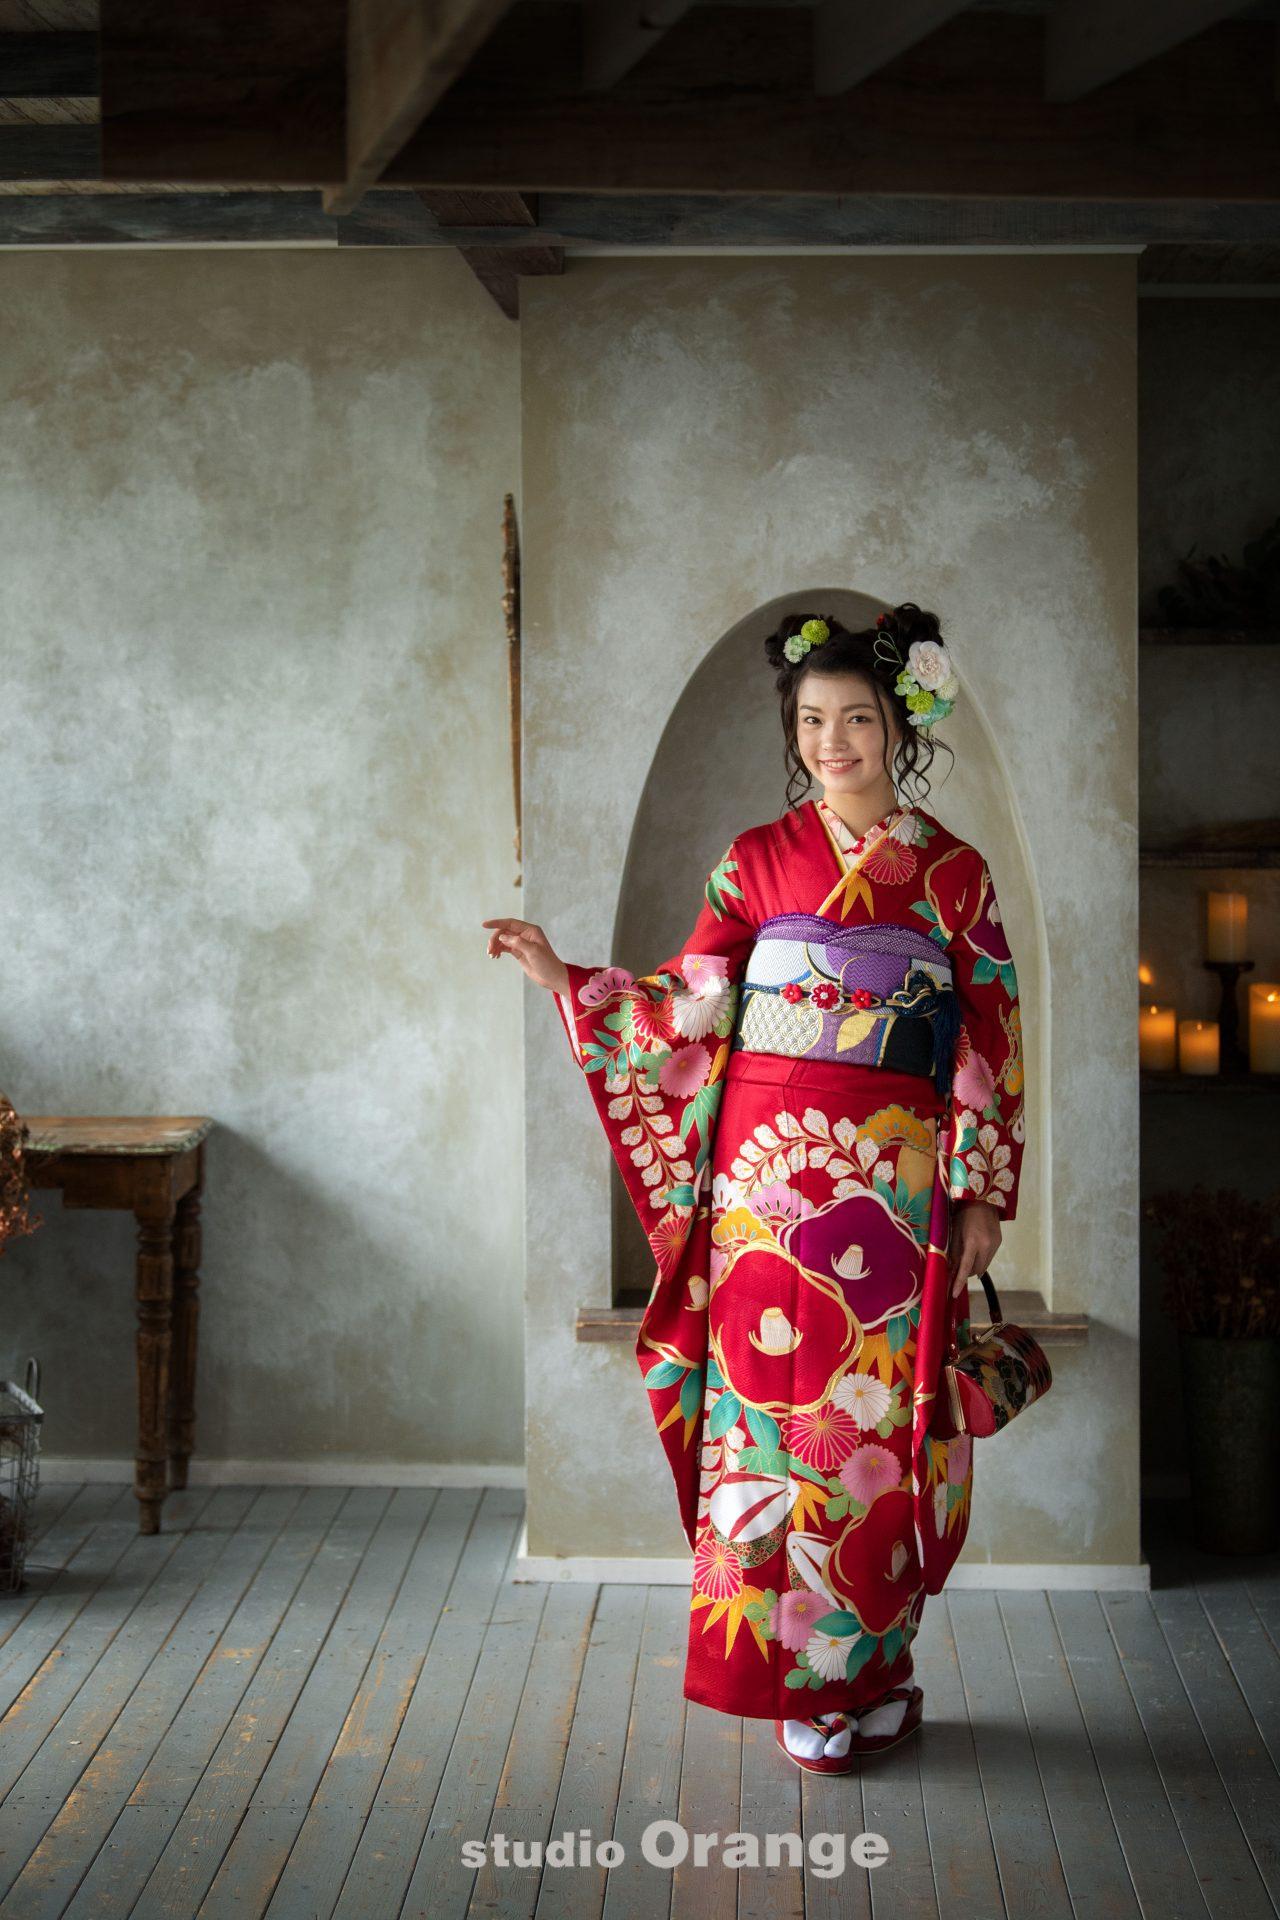 奈良市 レンタル振袖 成人式 成人式前撮り 成人式後撮り 赤色の振袖